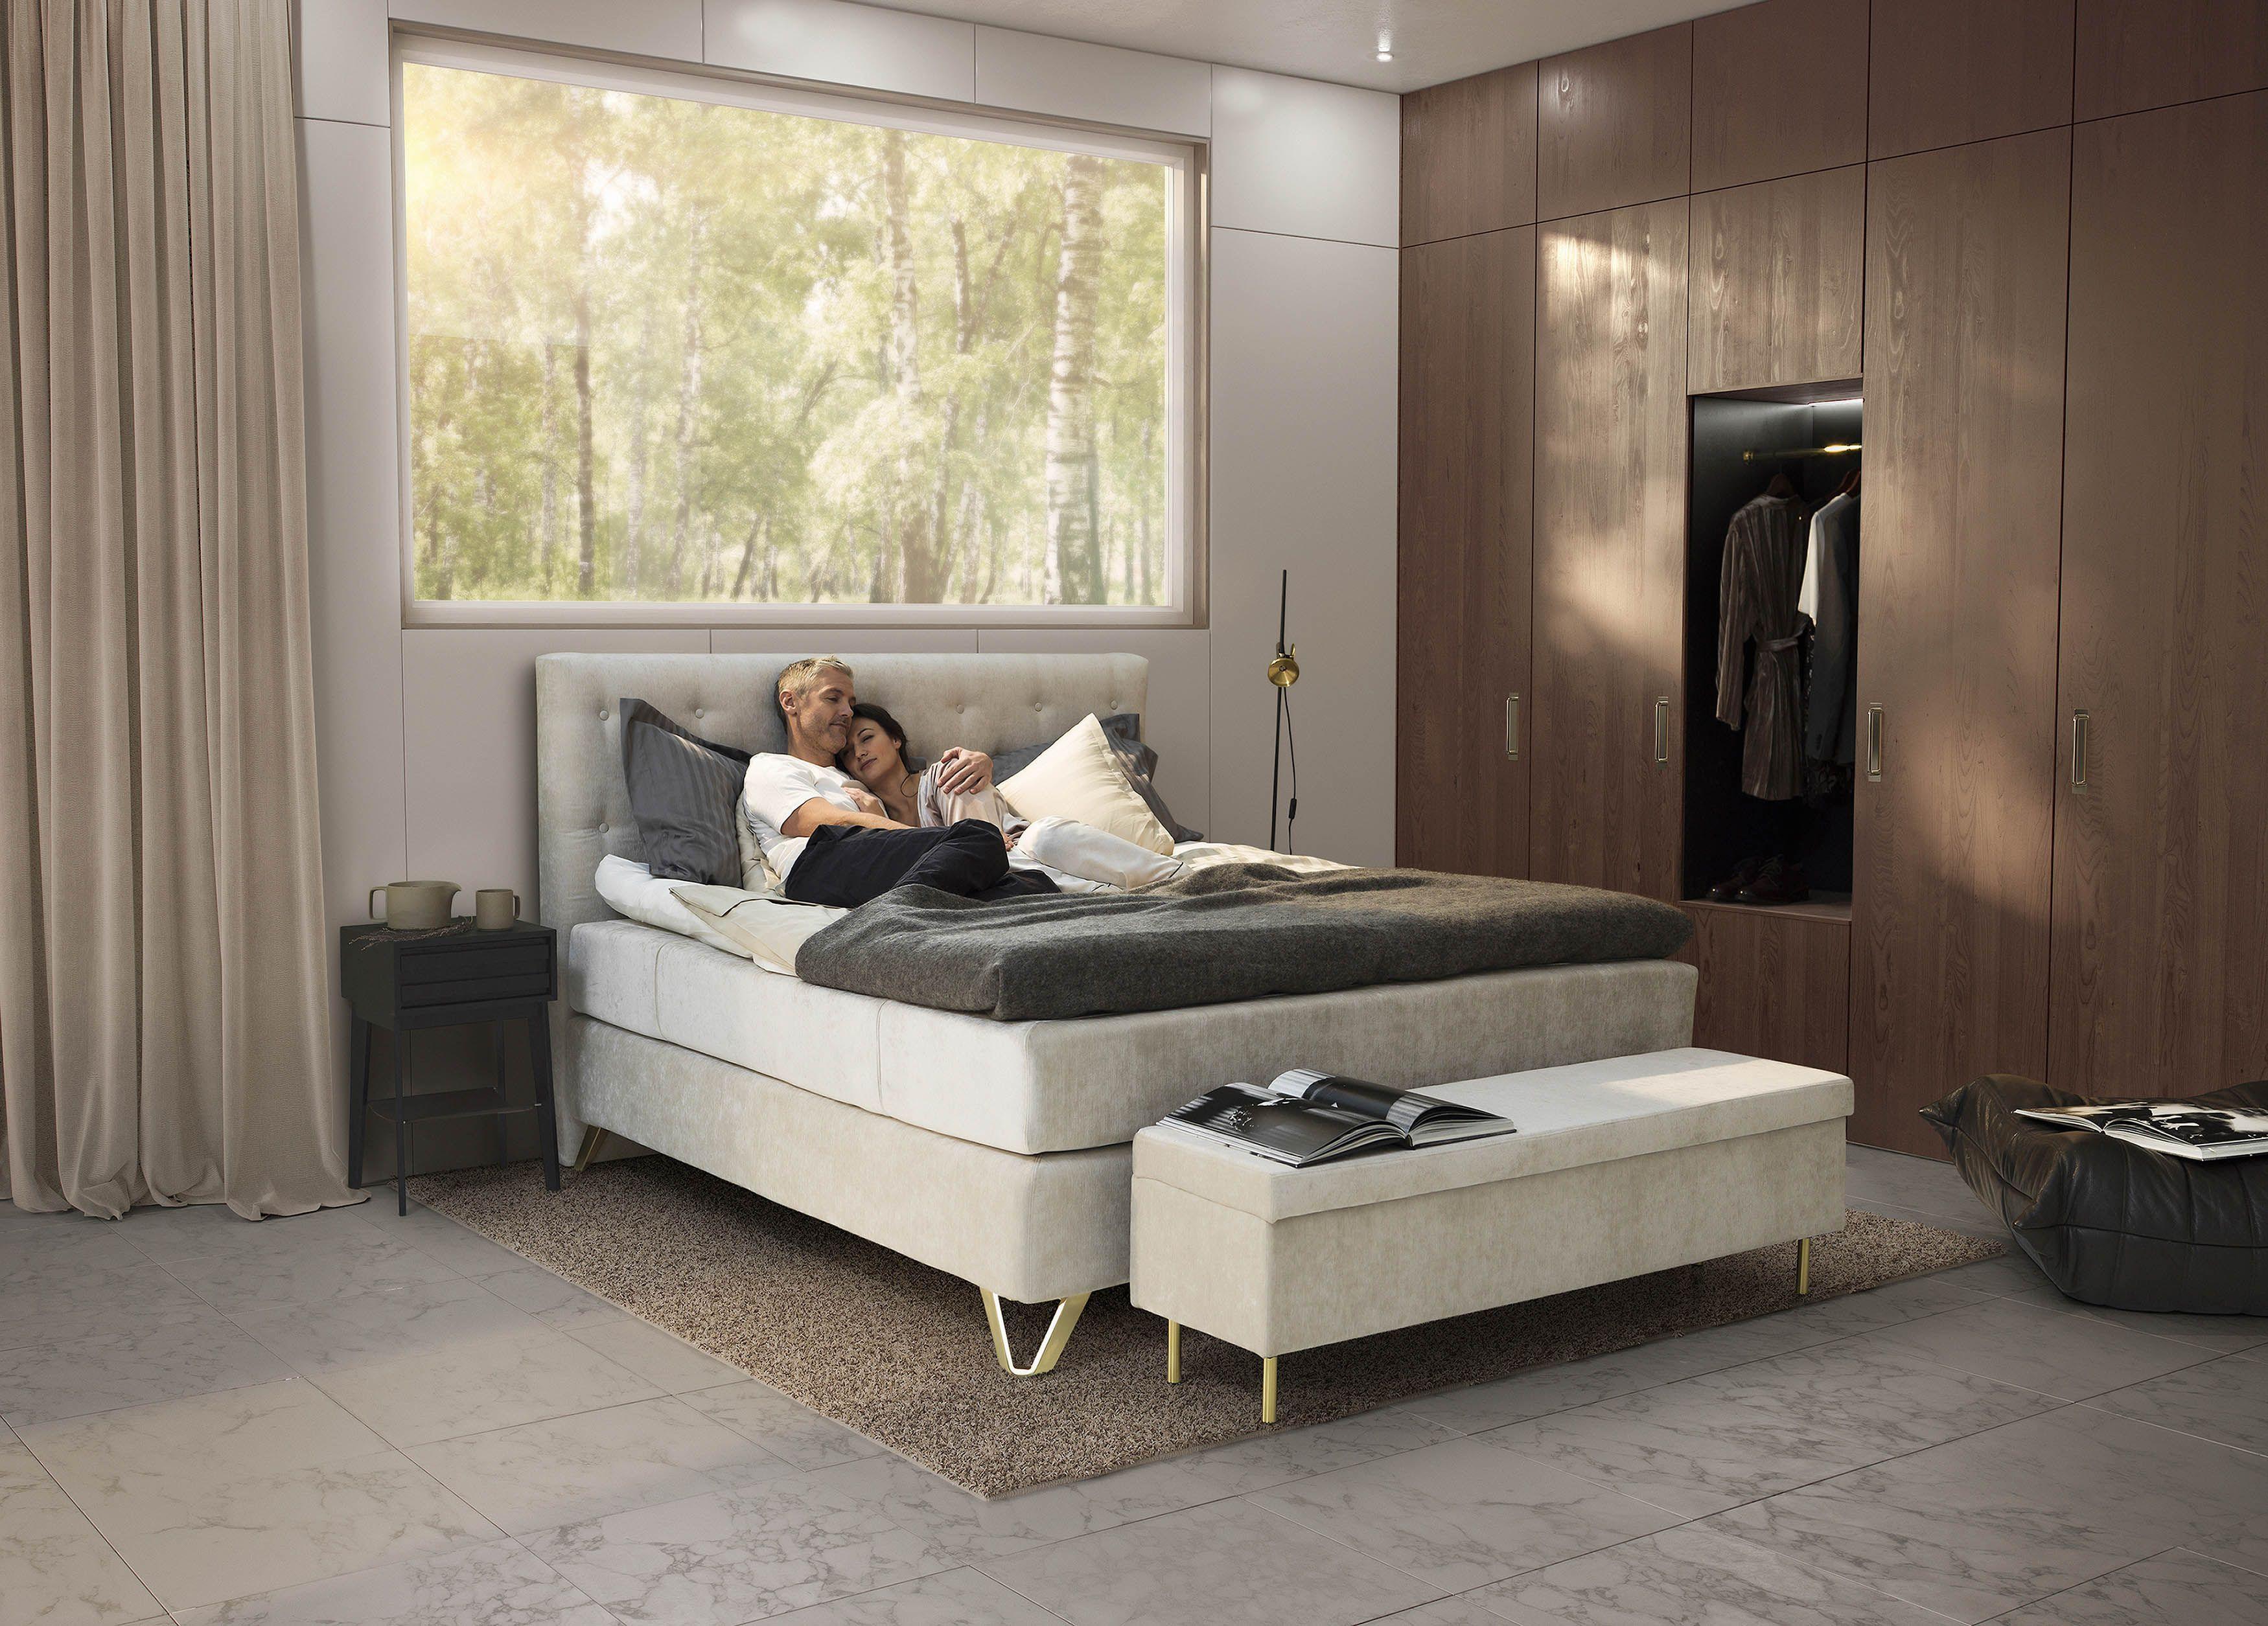 Jensen Betten Bei Schlafkultur Lang Jensen Betten Bett